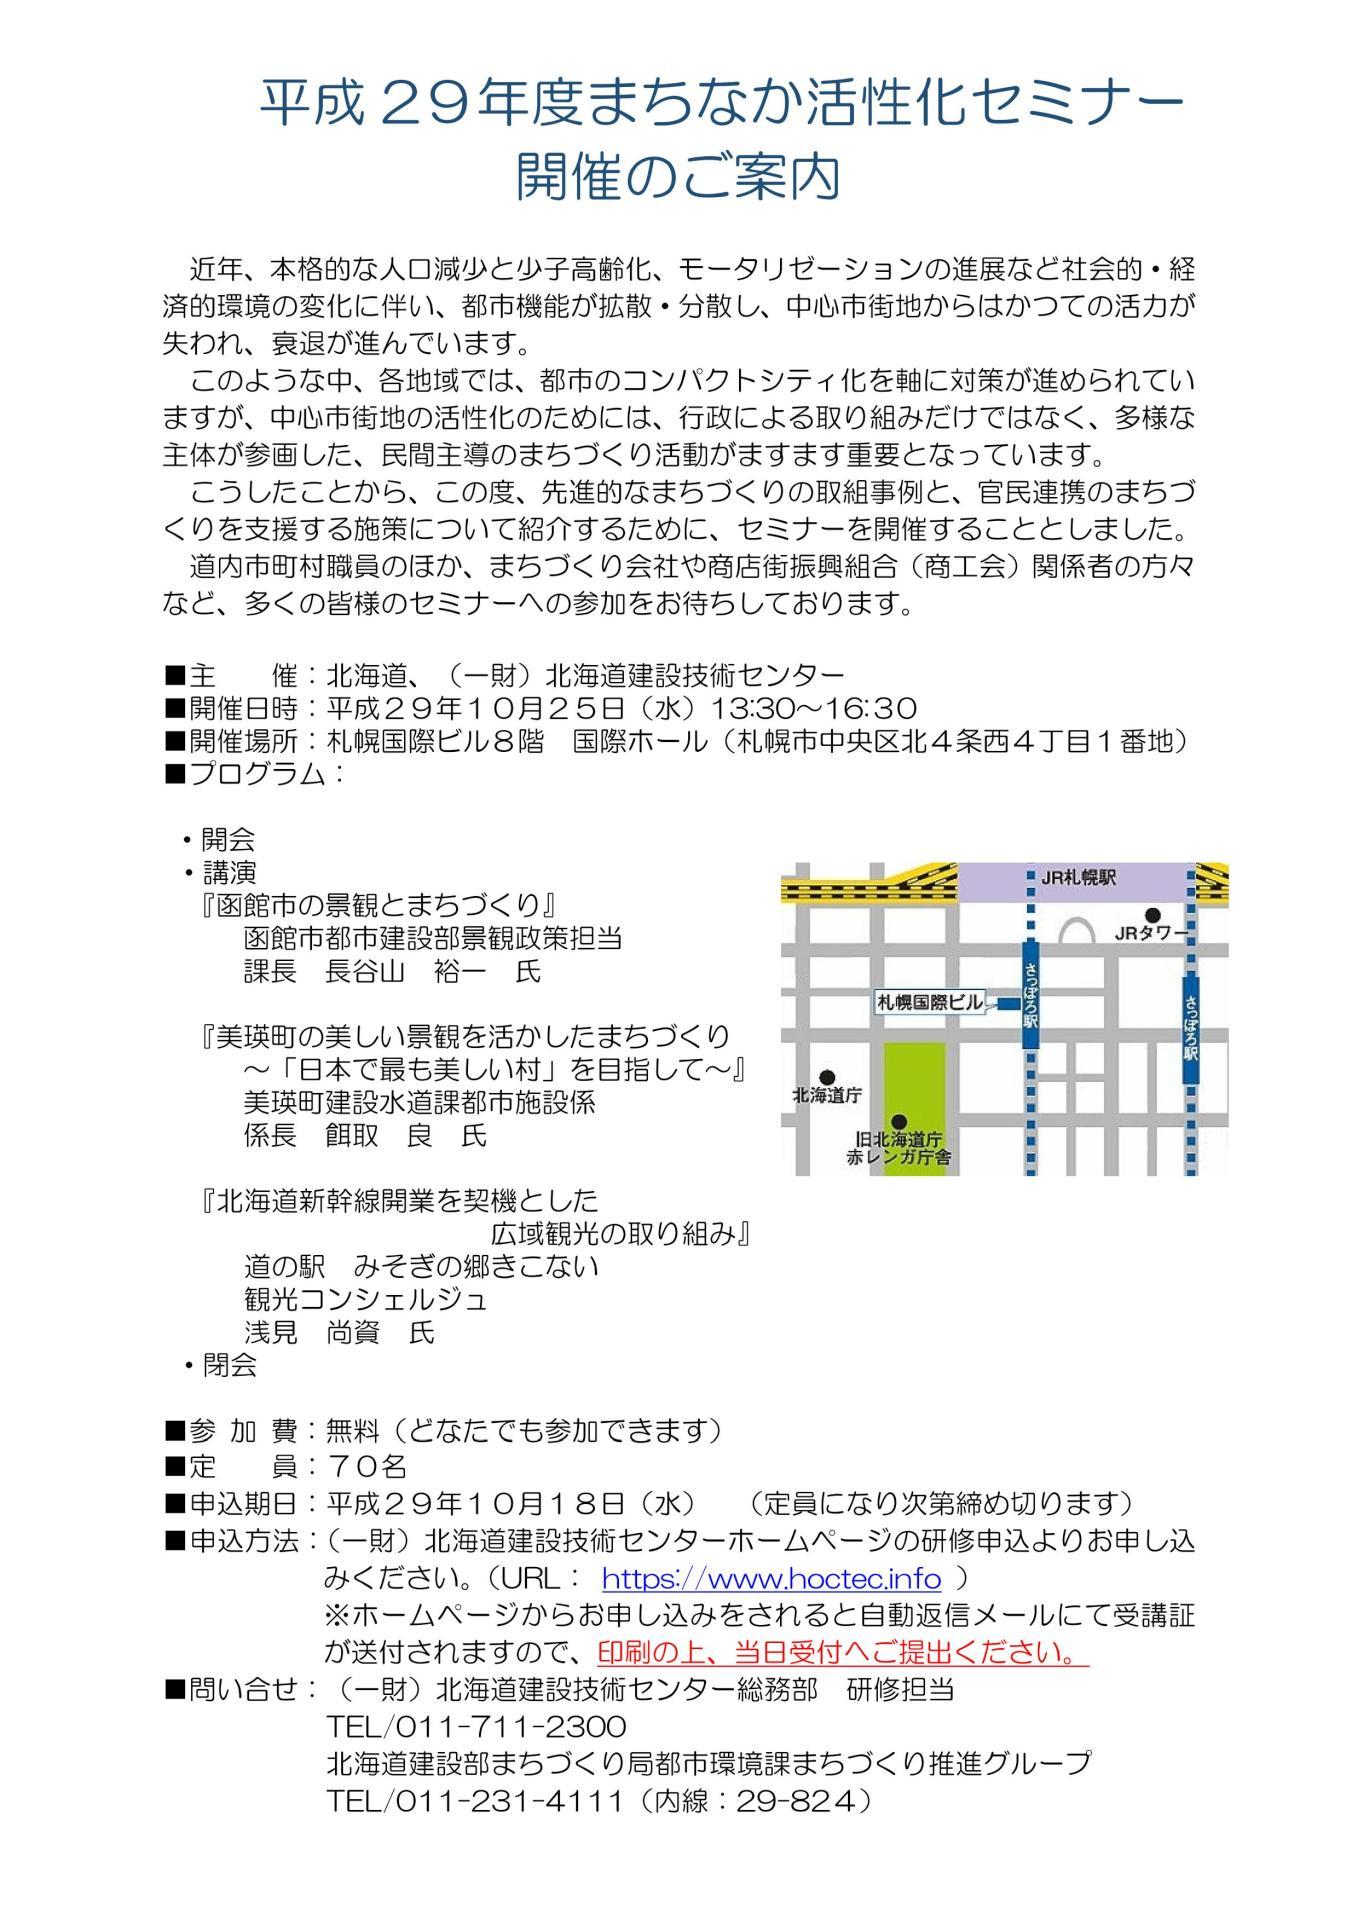 観光コンシェルジュが木古内町の取り組みを講演。10月25日に札幌でお会いしましょう。